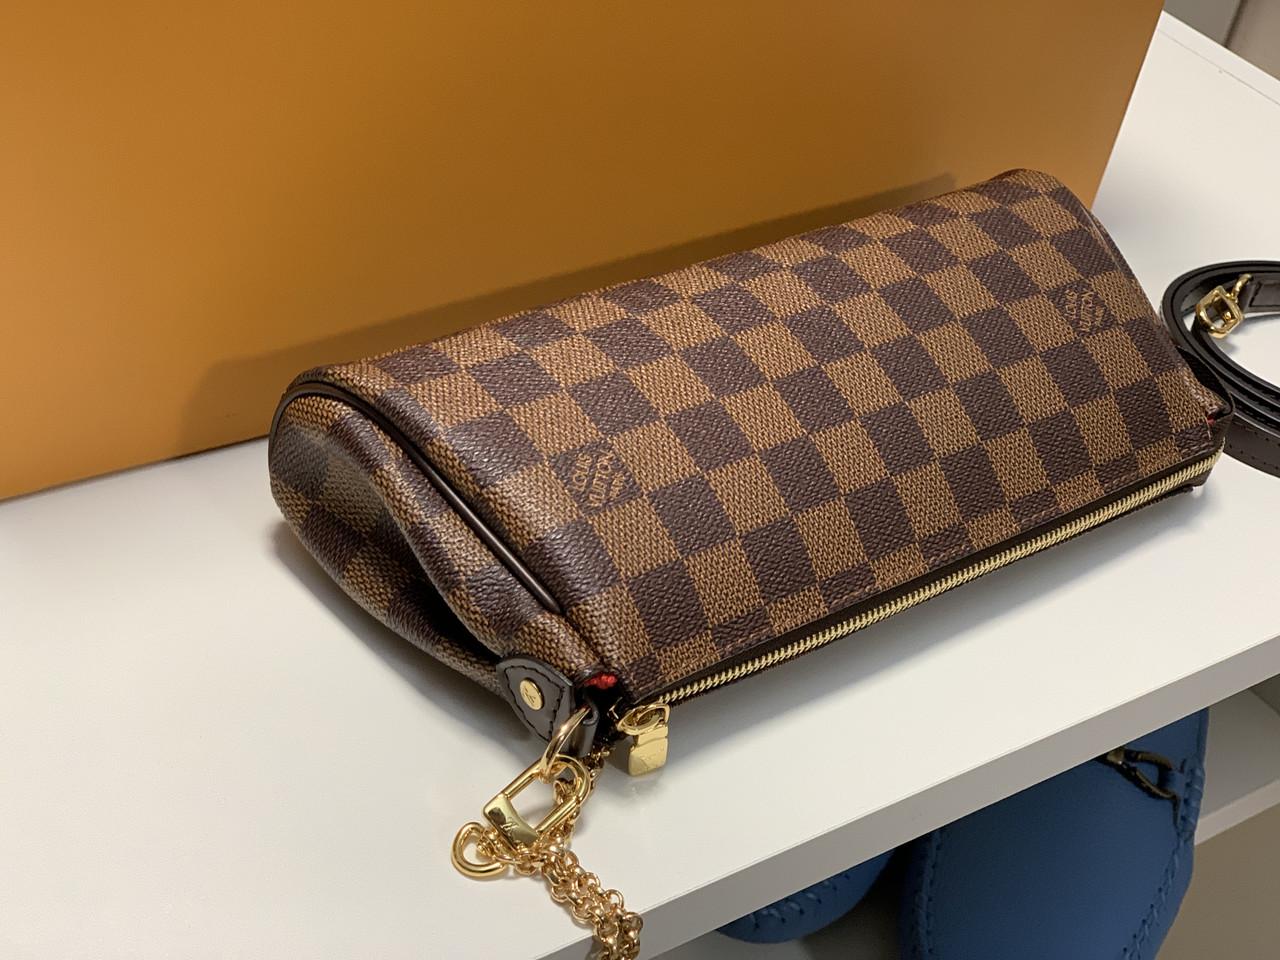 b528d6918ec1 ... Женский клатч Louis Vuitton Eva Канва Damier Ebene, фото 5